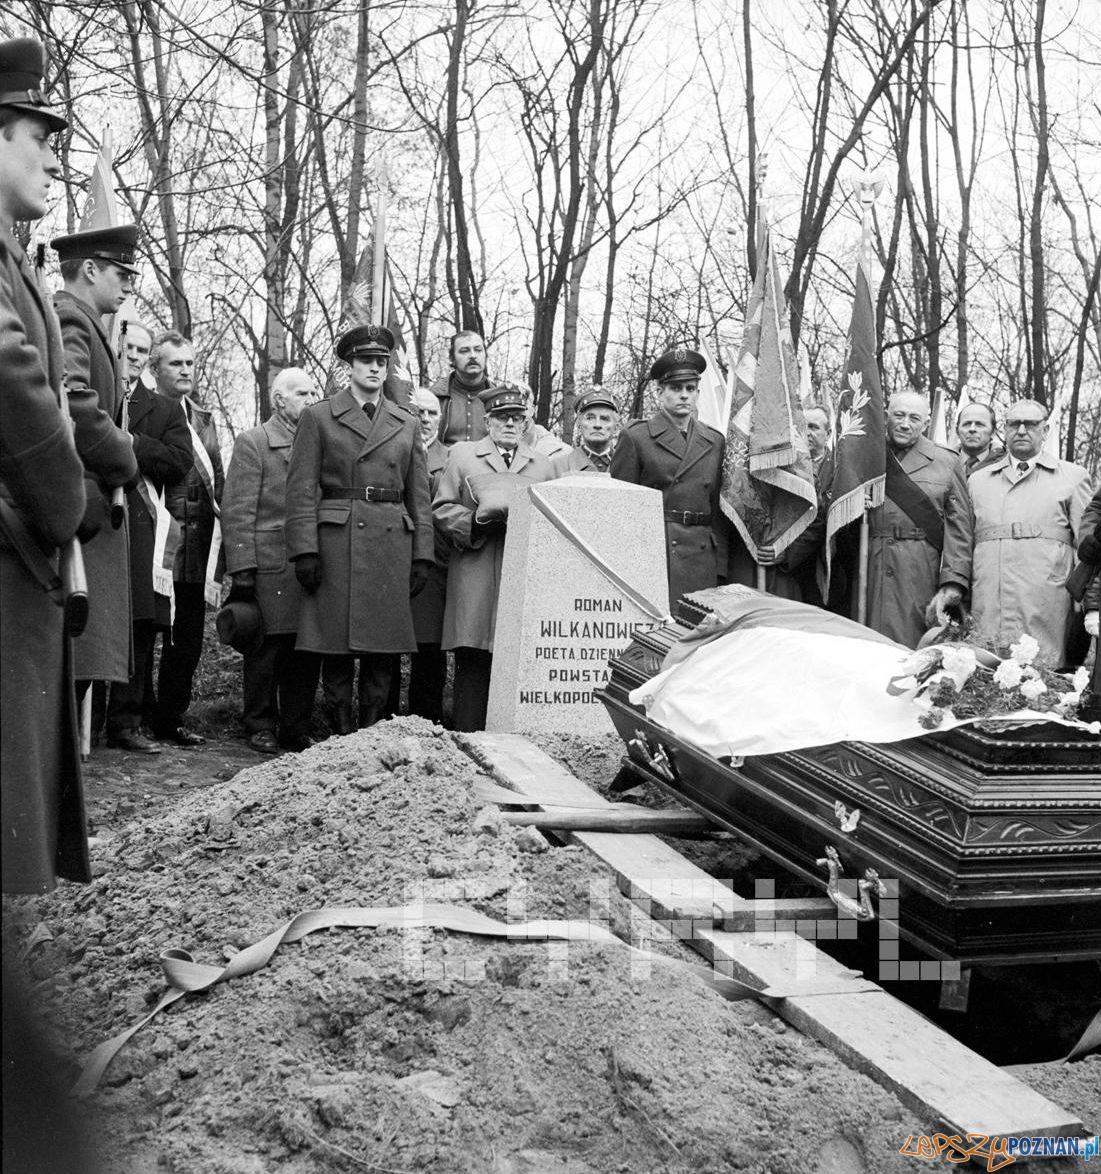 Honorowy pogrzeb Romana Wilkanowicza 25.11.1978  Foto: Stanisław Wiktor / Cyryl